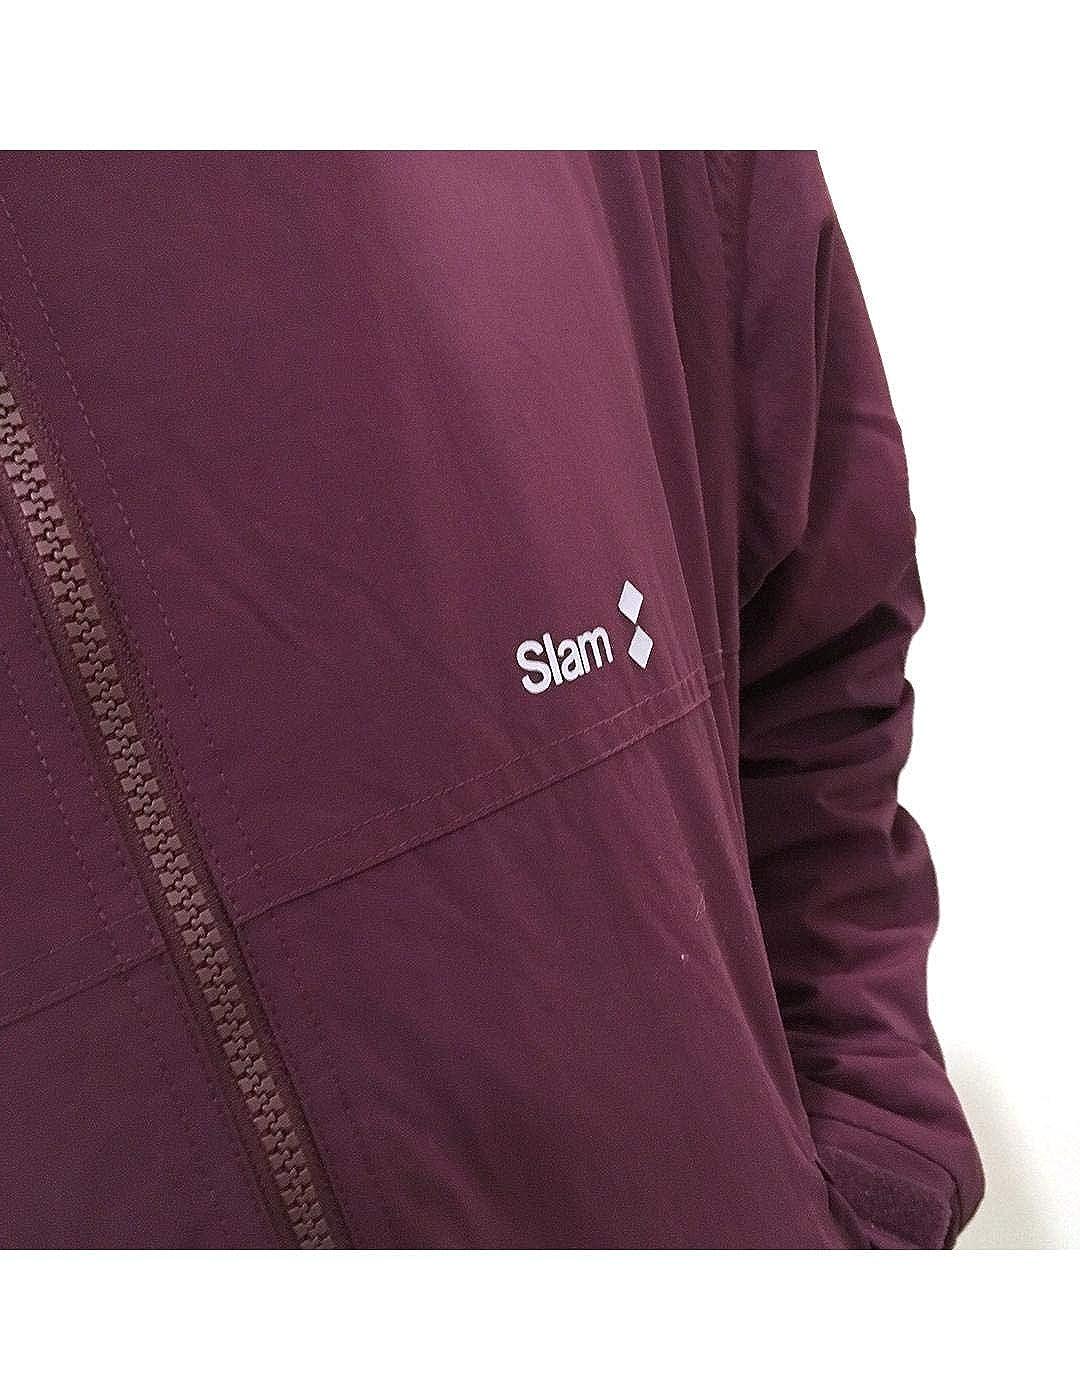 Slam Cazadora Winter Sailing Jacket Granate: Amazon.es ...